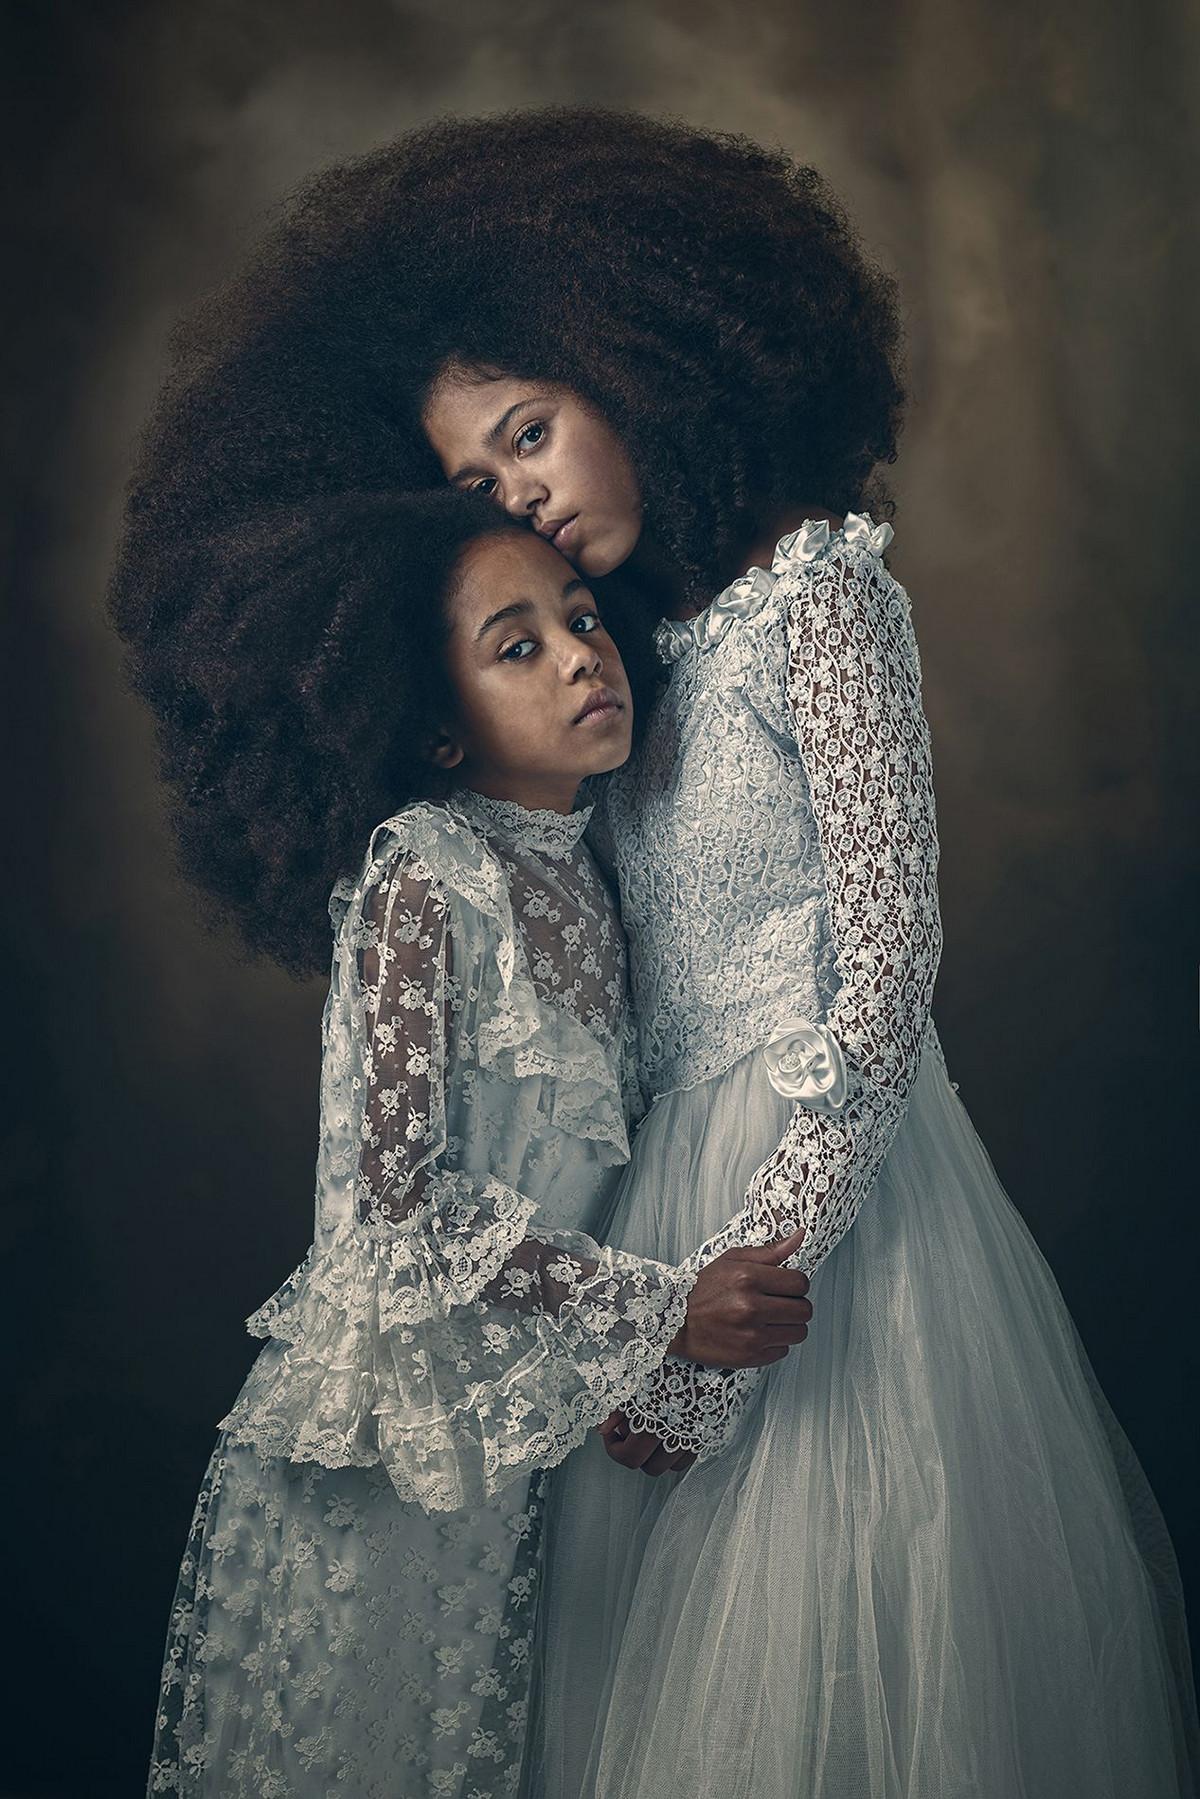 Обворожительные лица в работах победителей конкурса Siena International Photo Awards 2018 25